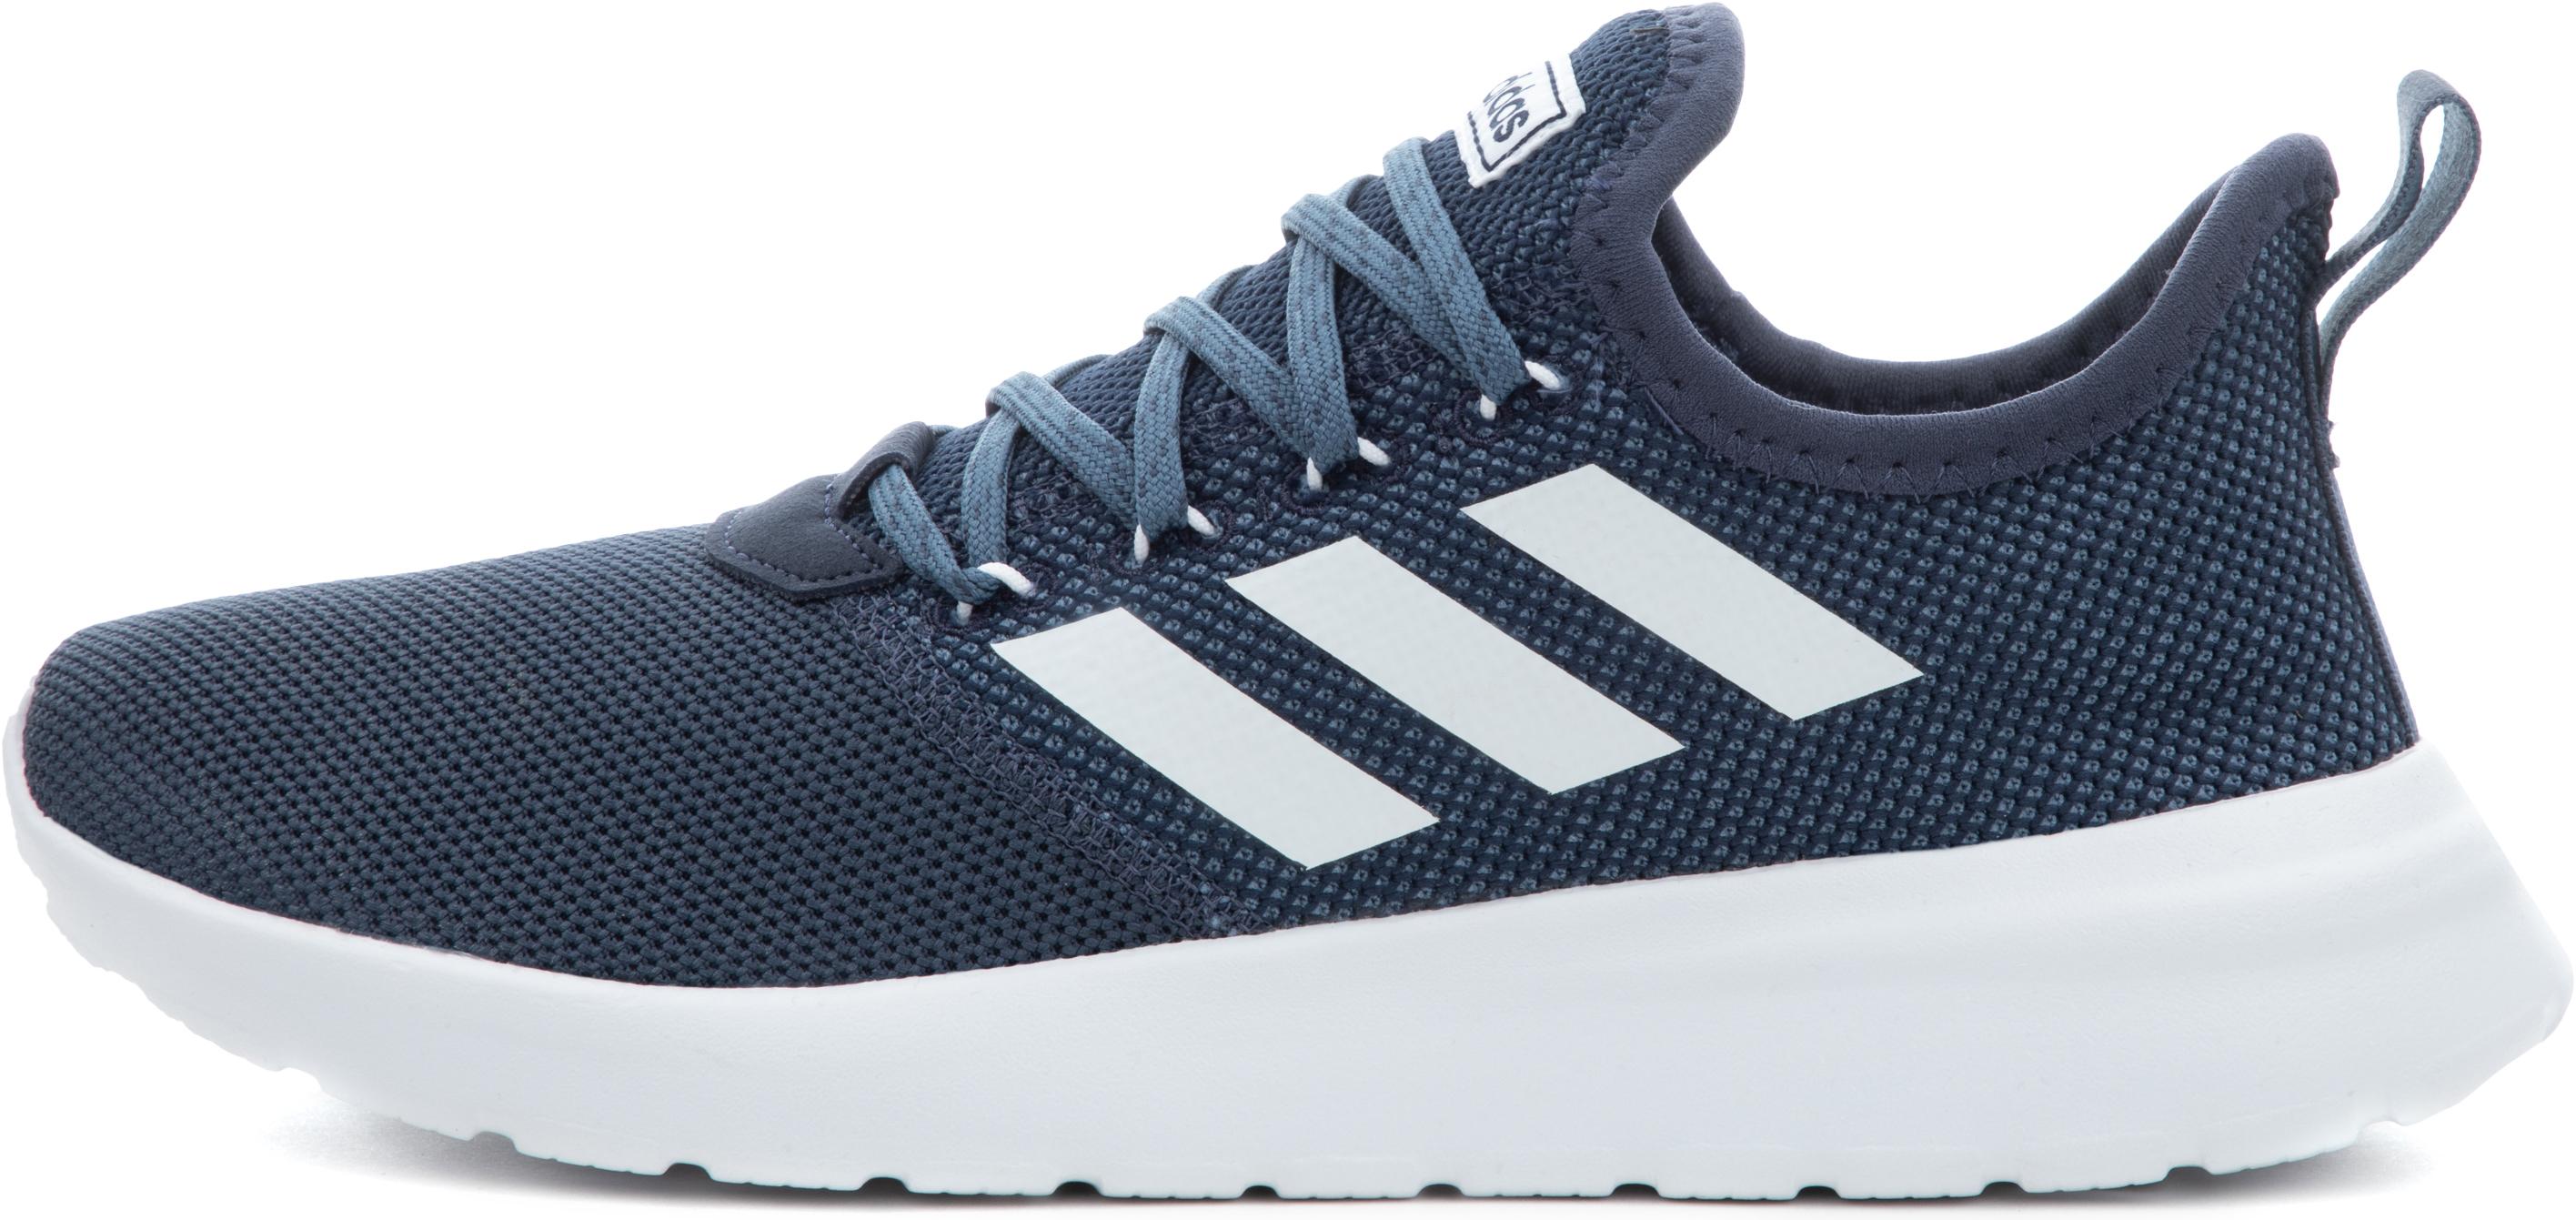 цена на Adidas Кроссовки мужские Adidas LITE RACER, размер 41